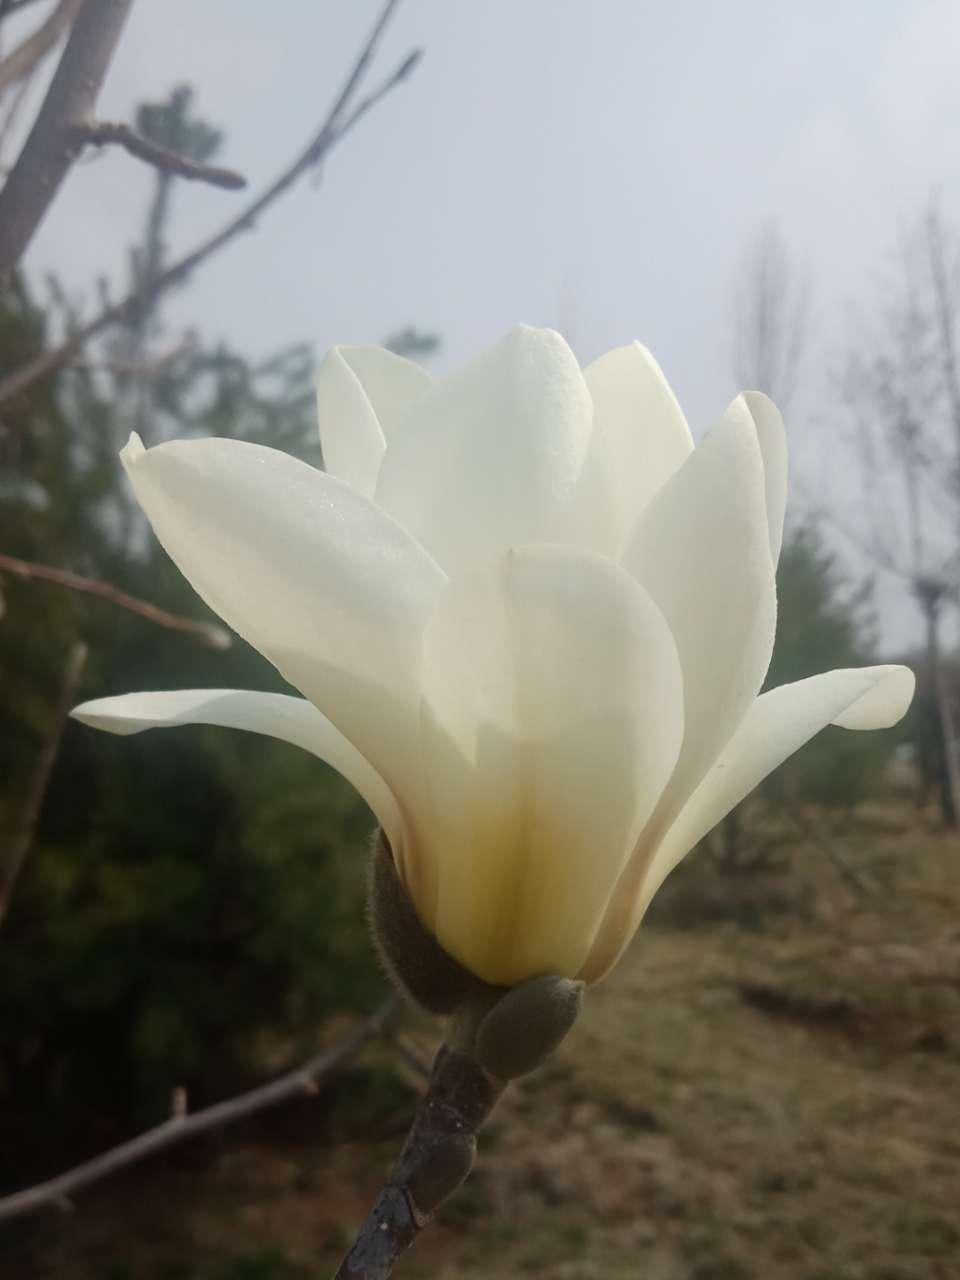 白玉兰花,紫玉兰花,好像会动-2.jpg